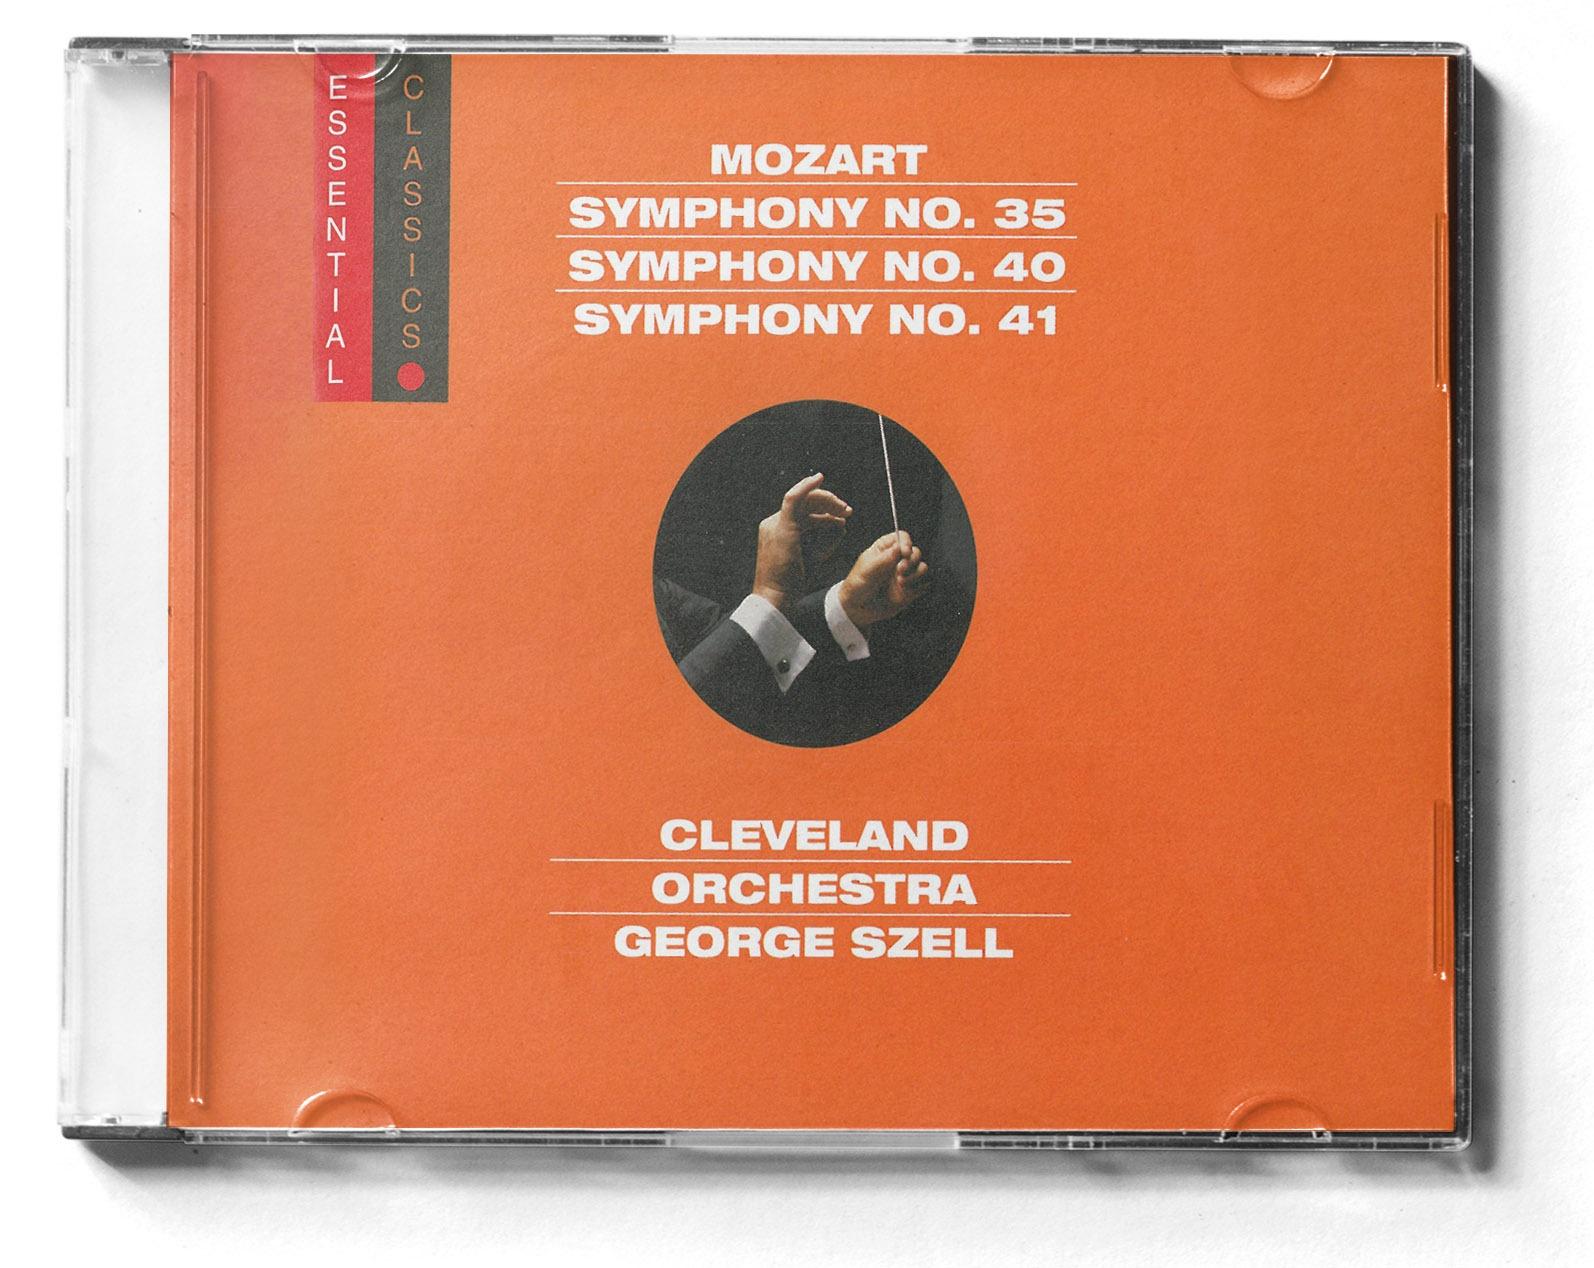 Mozart Symphonies No. 35, 40 & 41